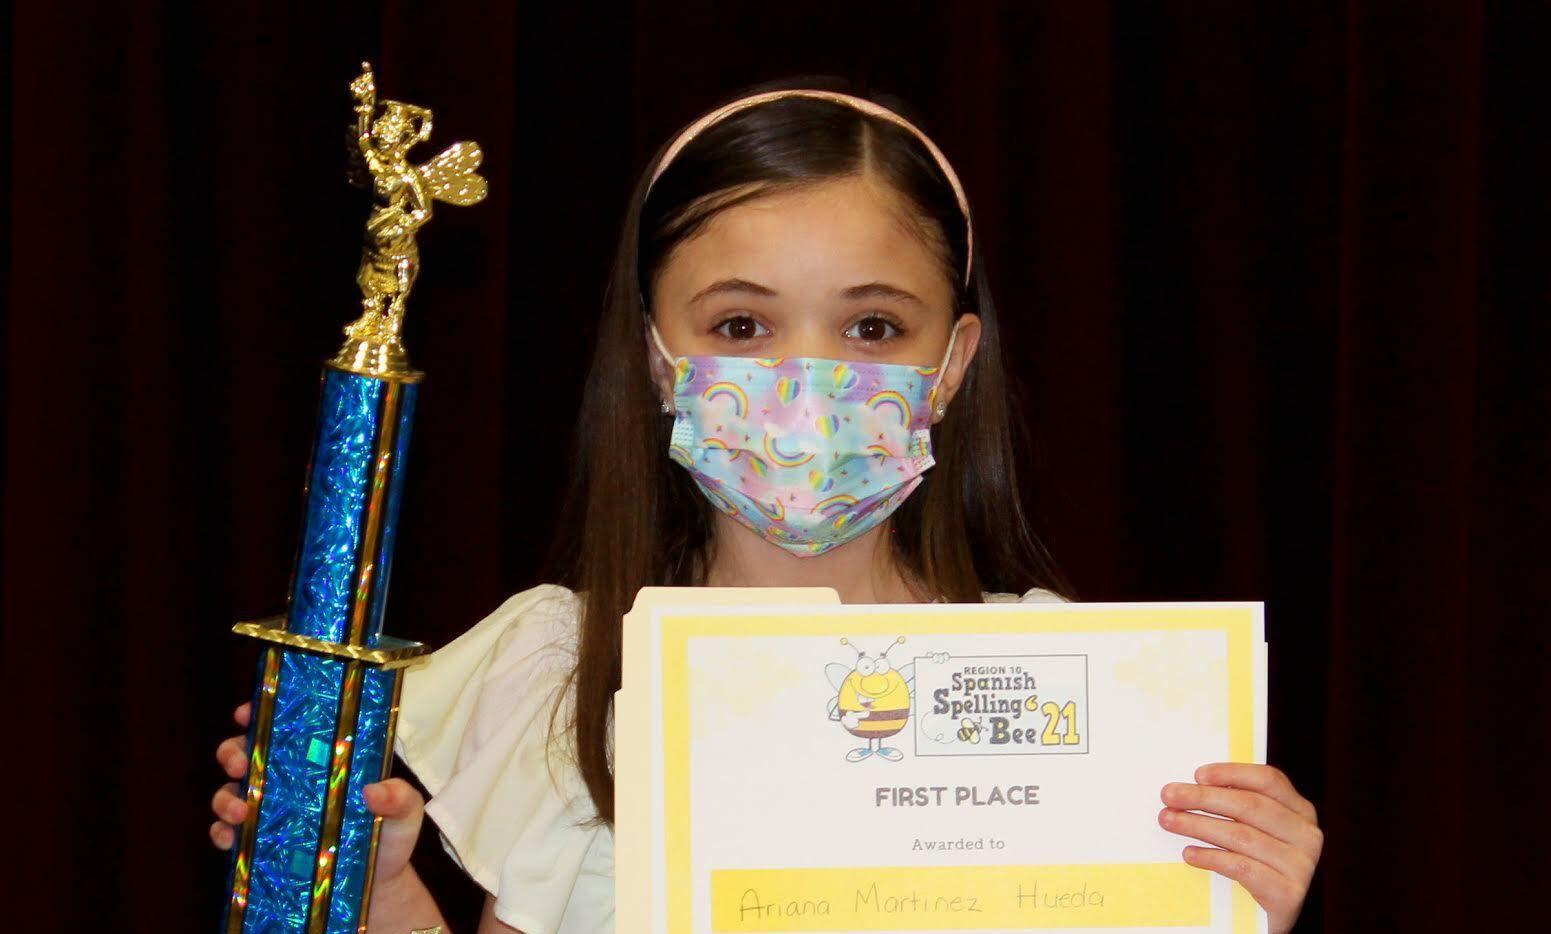 Ariana Martínez Hueda ganó el 10 concurso de Spelling Bee regional. Es la primera estudiante del distrito de Garland en ganar el concurso de deletreo regional